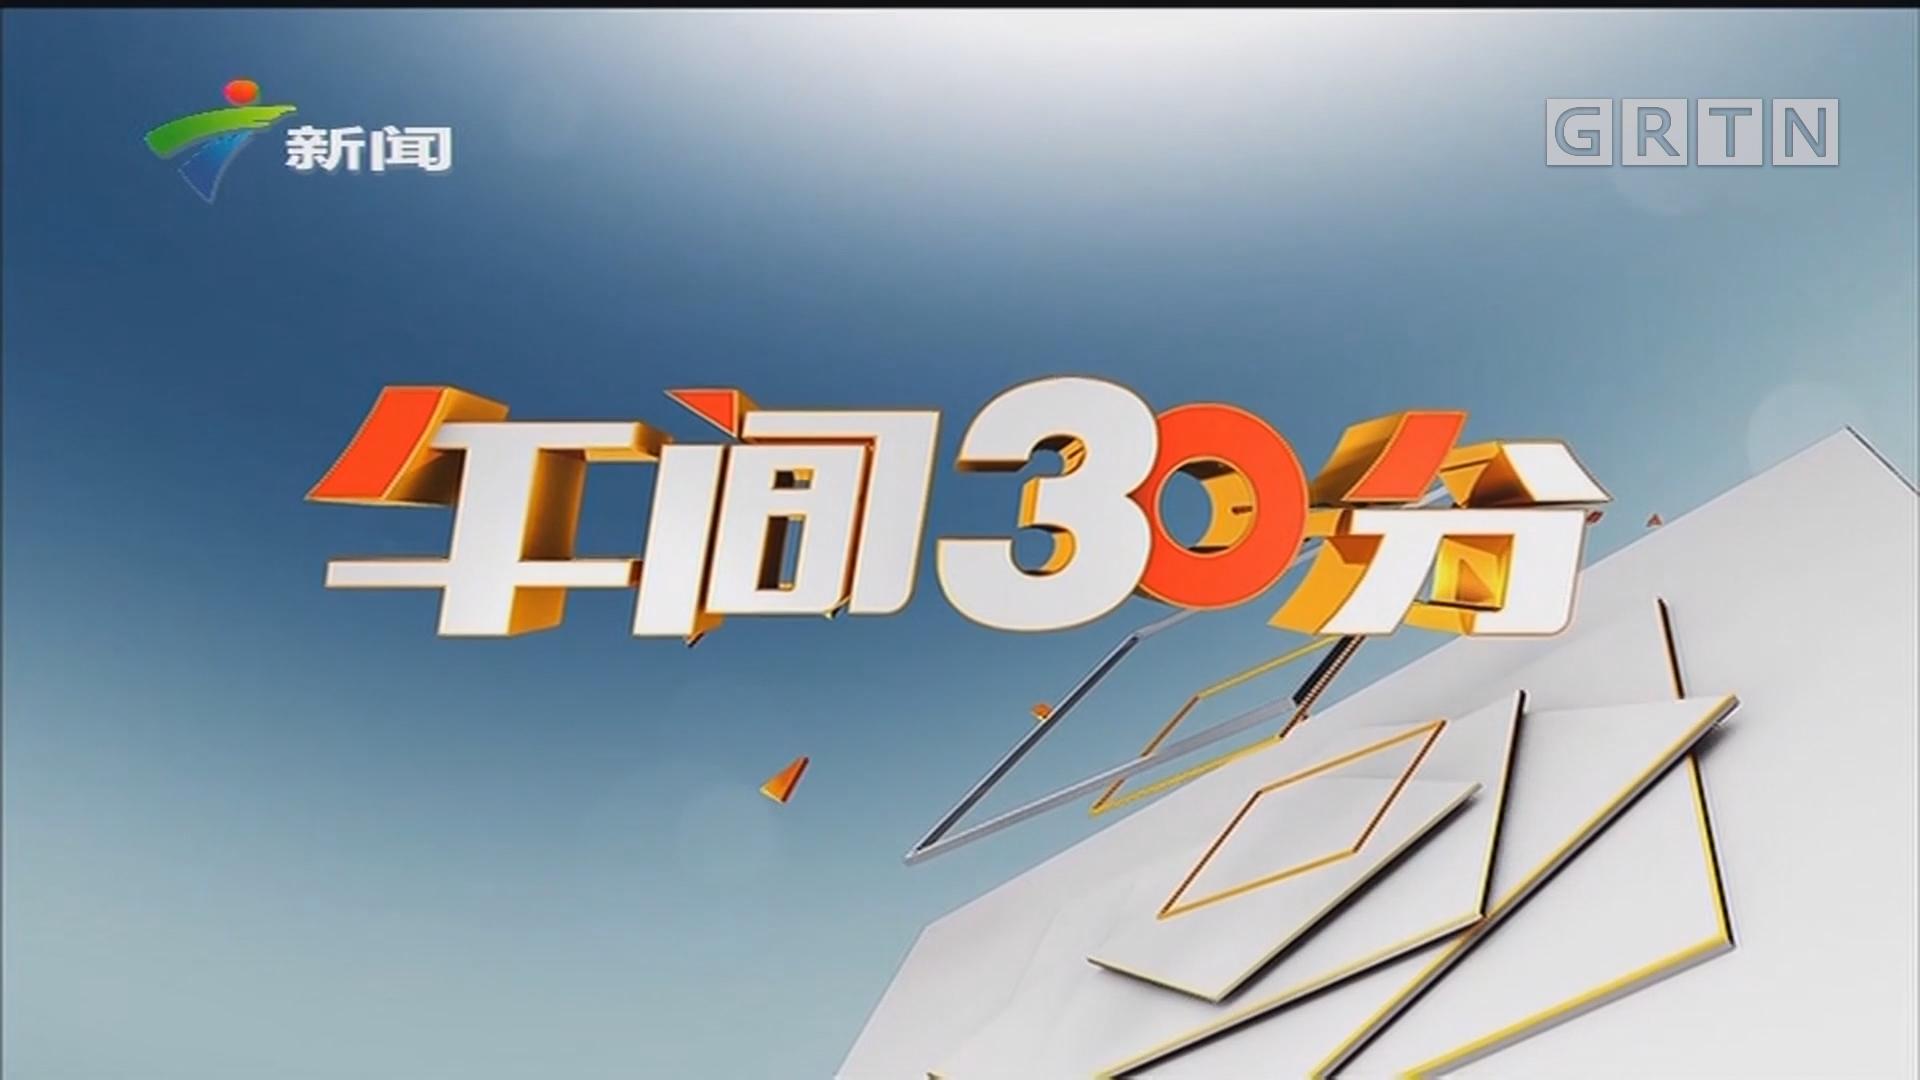 """[HD][2019-07-26]午间30分:未来三天 广东炎热南部市县伴有雷雨:今年第6号台风""""百合""""生成 不影响我国"""